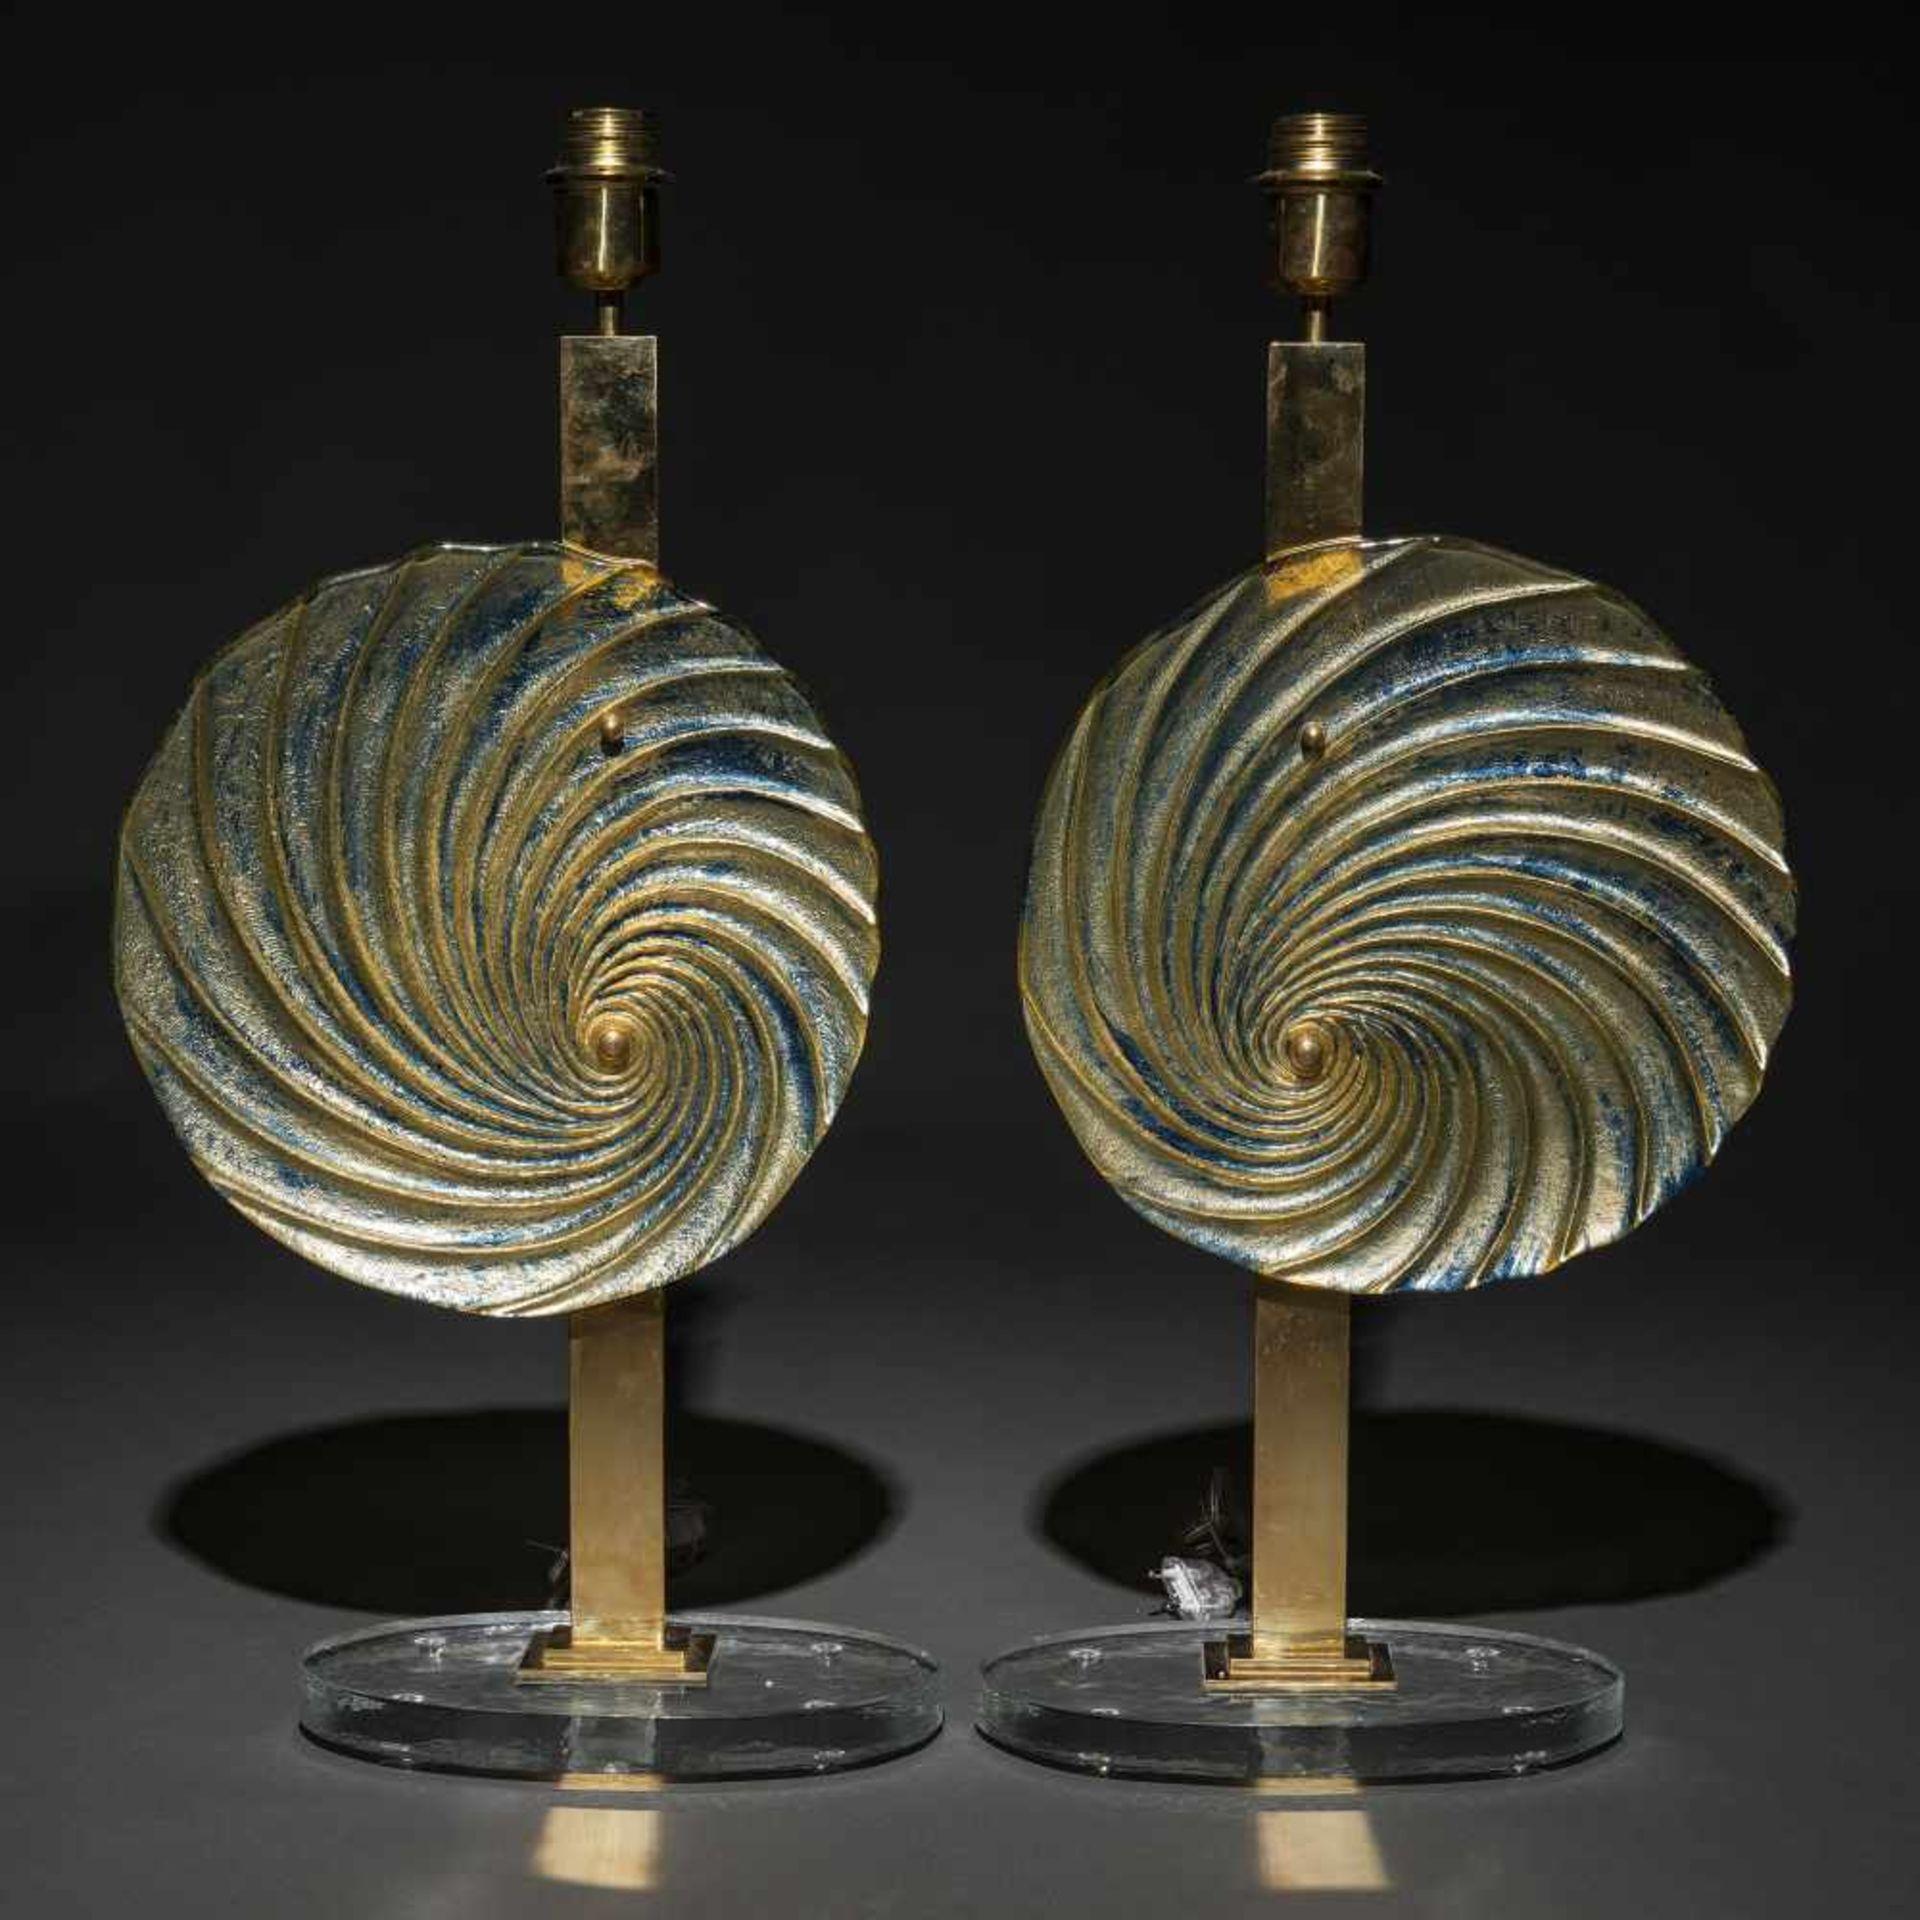 Los 21 - Pareja de lámparas de sobremesa en cristal de murano y metal dorado de los años 70.Presenta base...